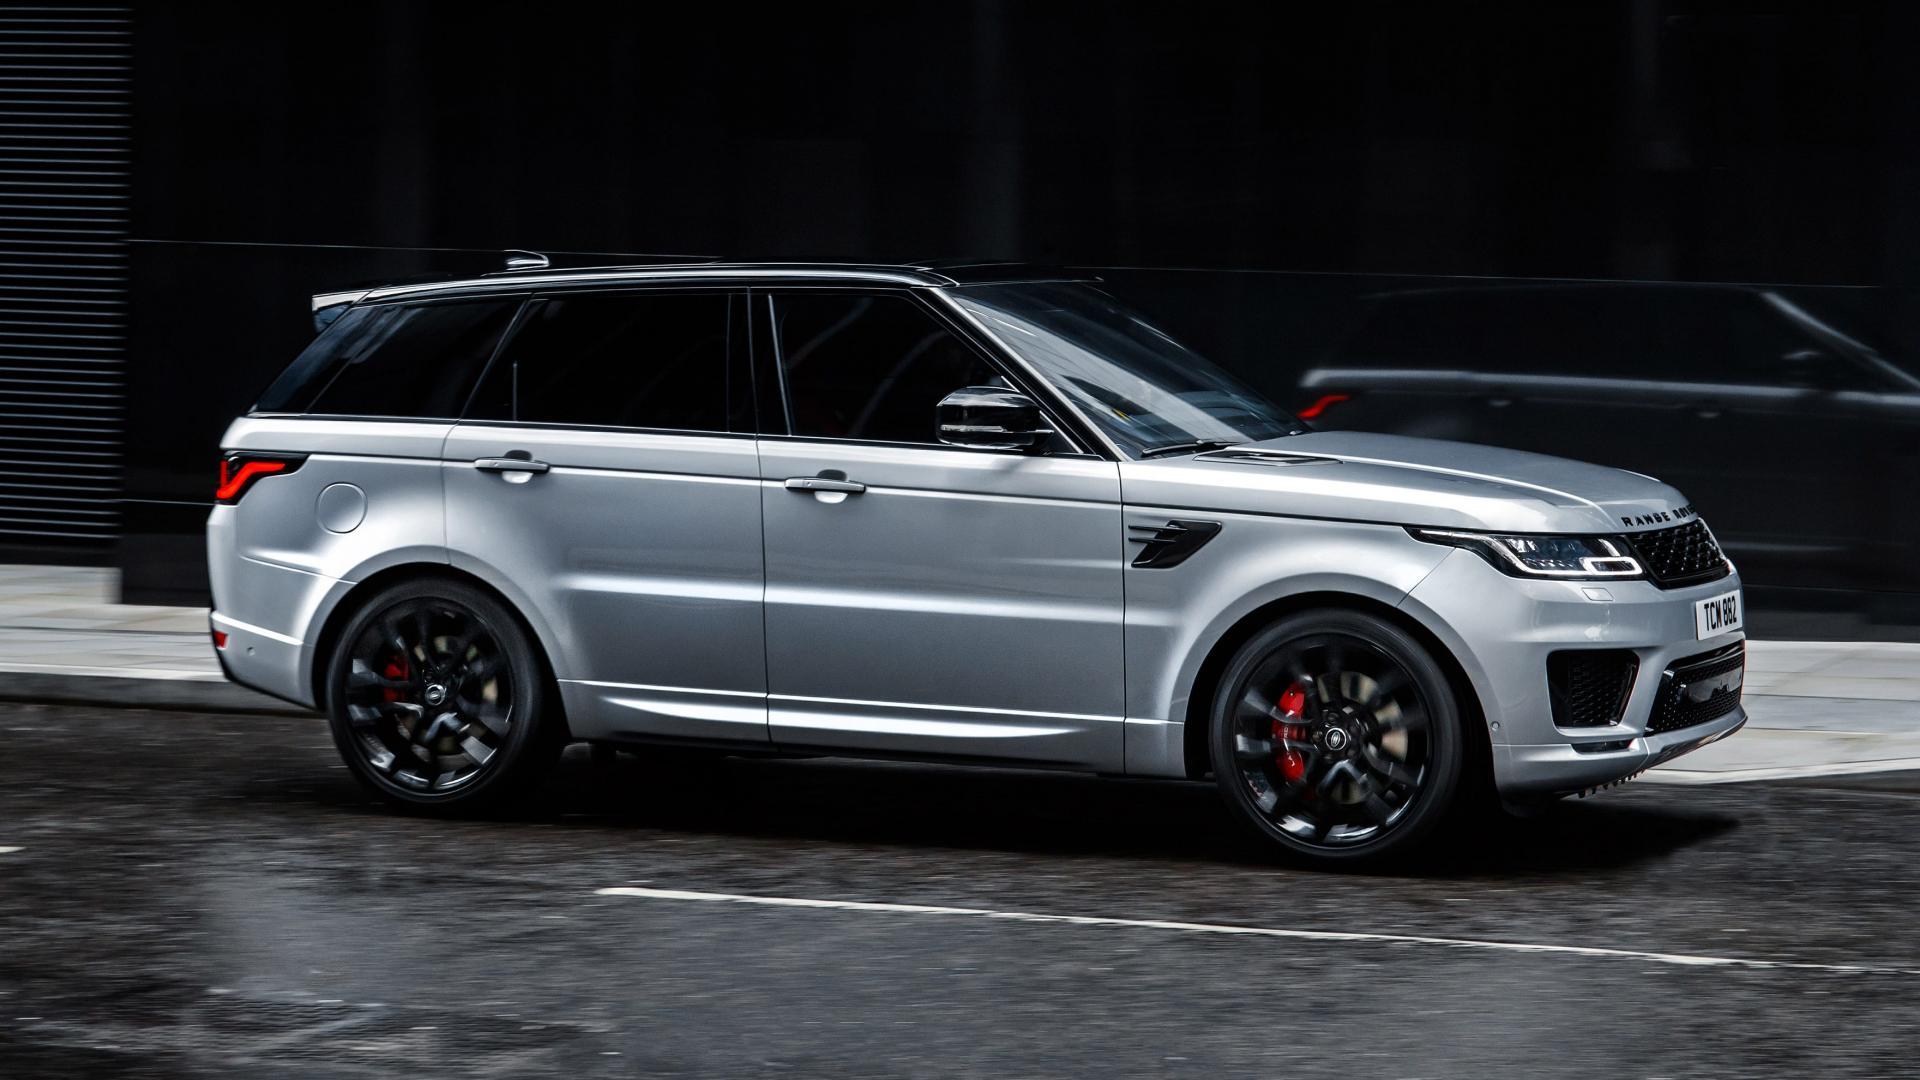 Land Rover Range Rover HST